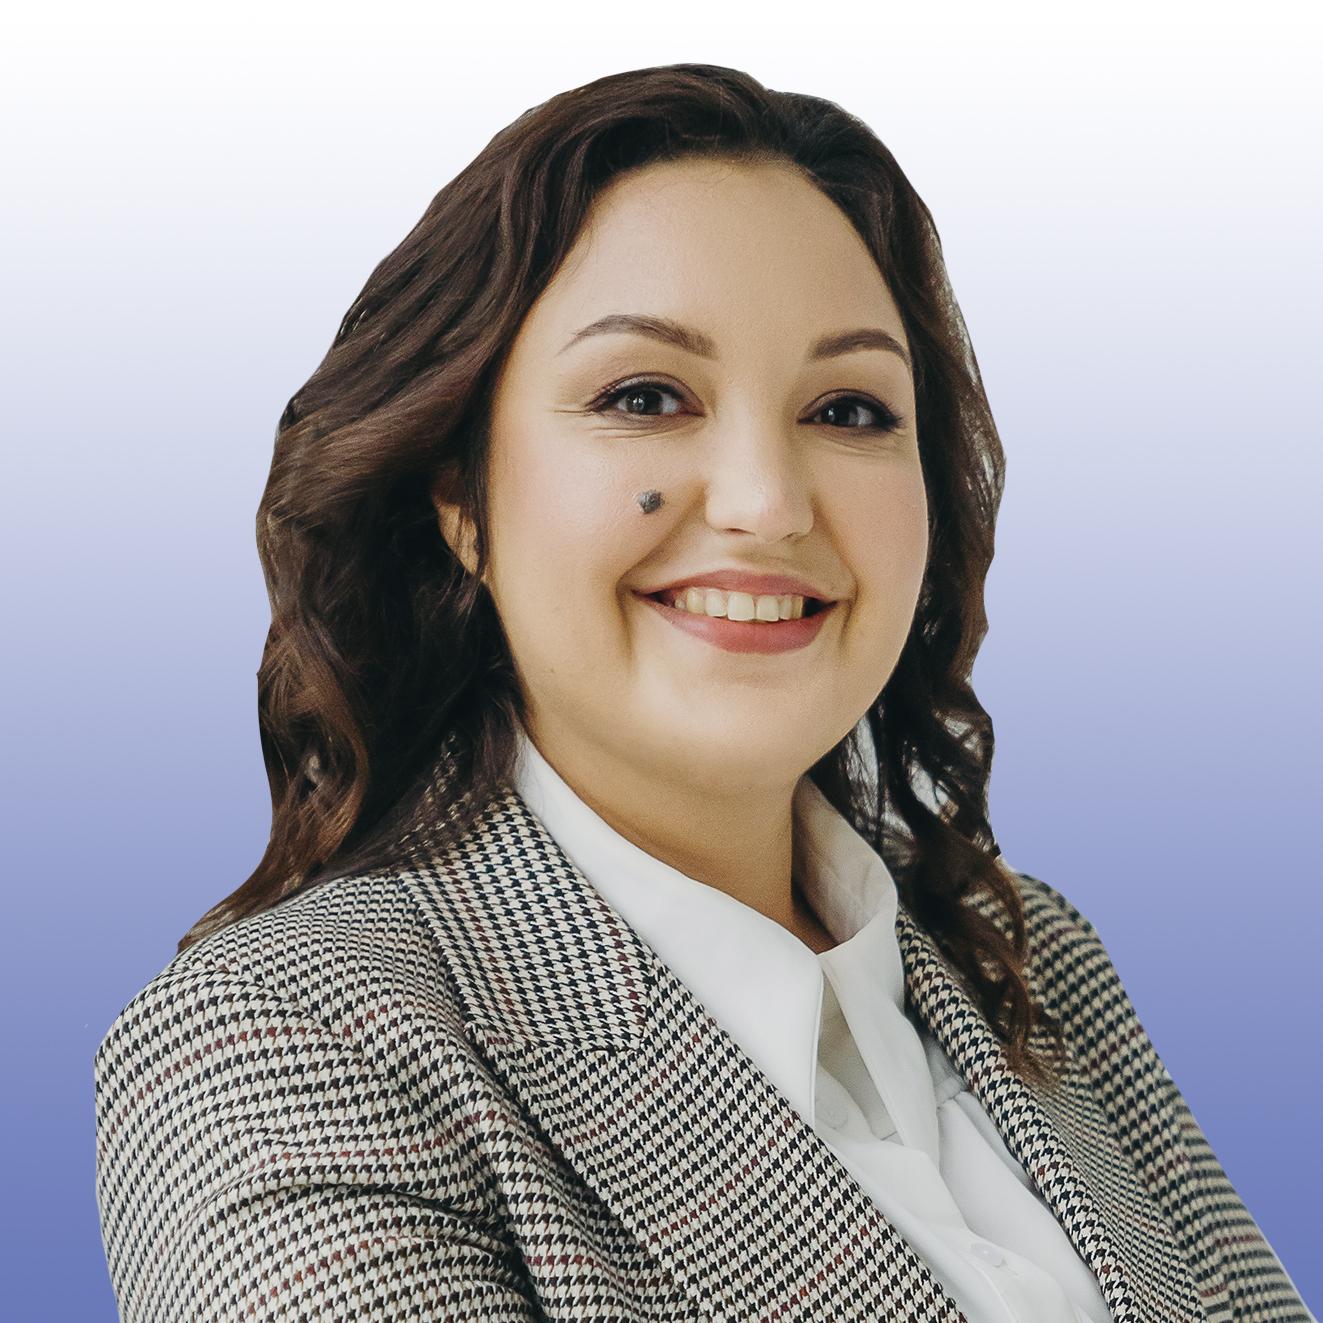 Фахрутдинова Людмила Витальевна